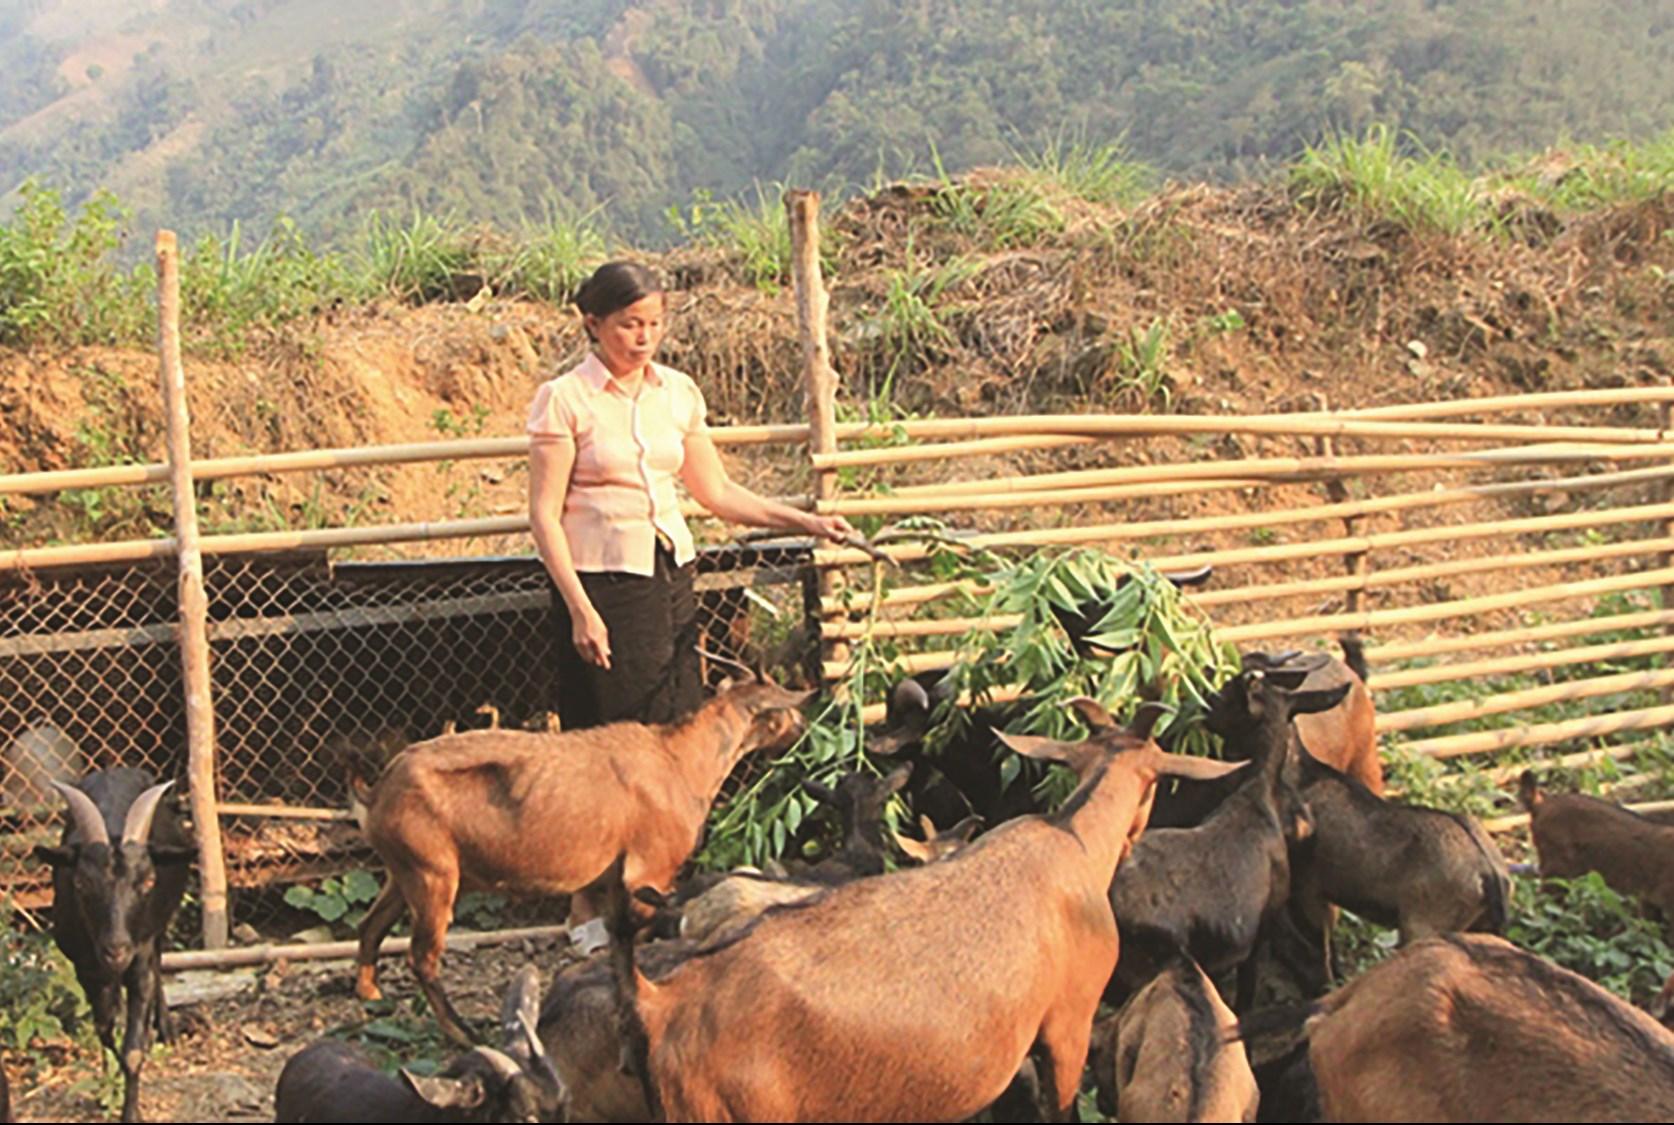 Từ nguồn vốn vay, chị Lò Thị Danh ở bản Phiêng Luông 1, xã Nậm Hàng, huyện Nậm Nhùn đầu tư phát triển mô hình chăn nuôi dê đem lại thu nhập cao